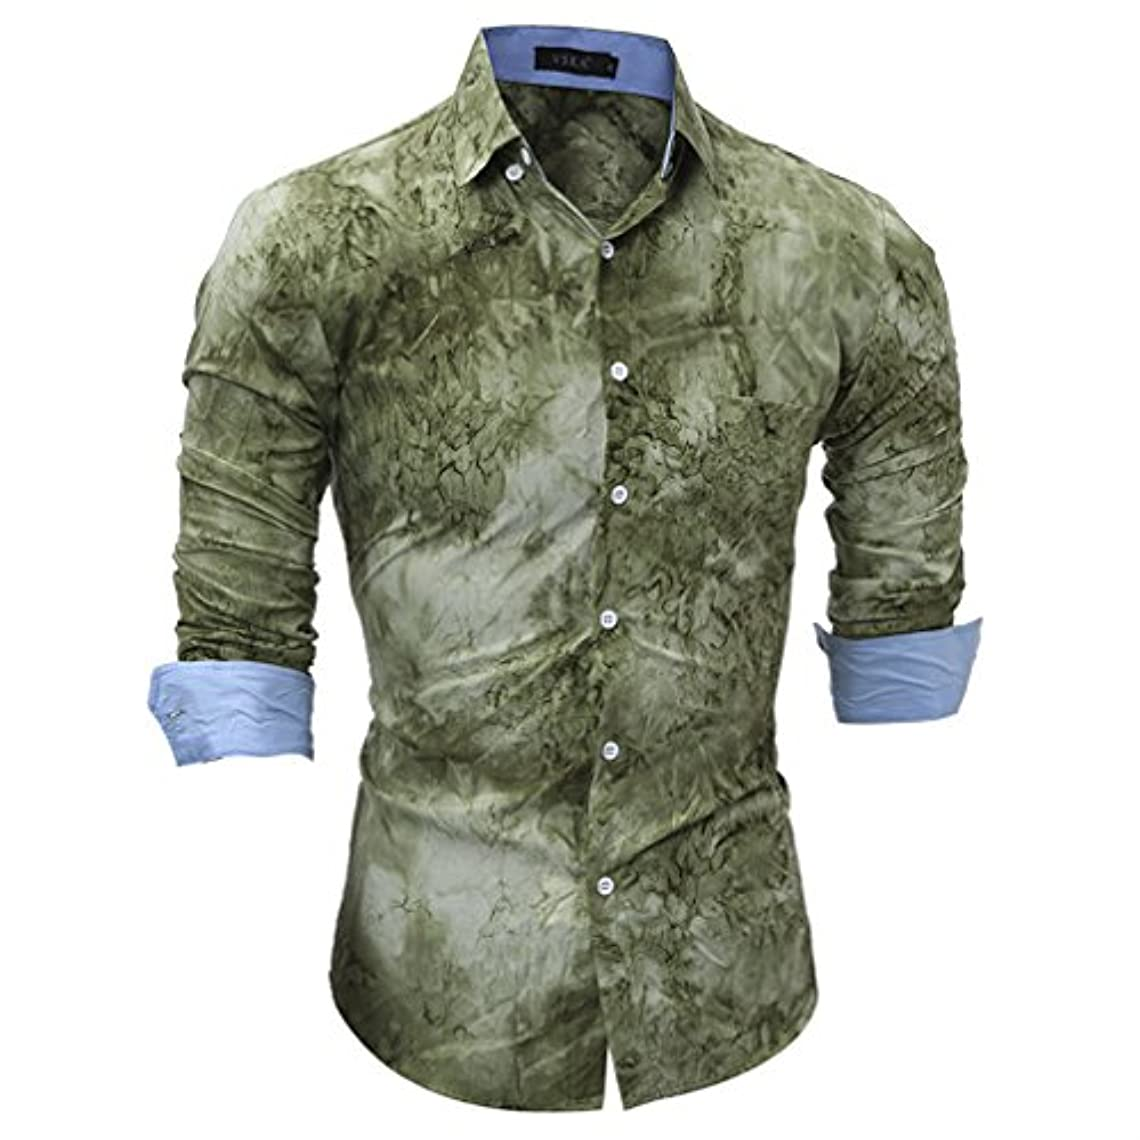 句緊張かりてHonghu メンズ シャツ 長袖 3Dプリント カジュアル スリム グリーン M 1PC